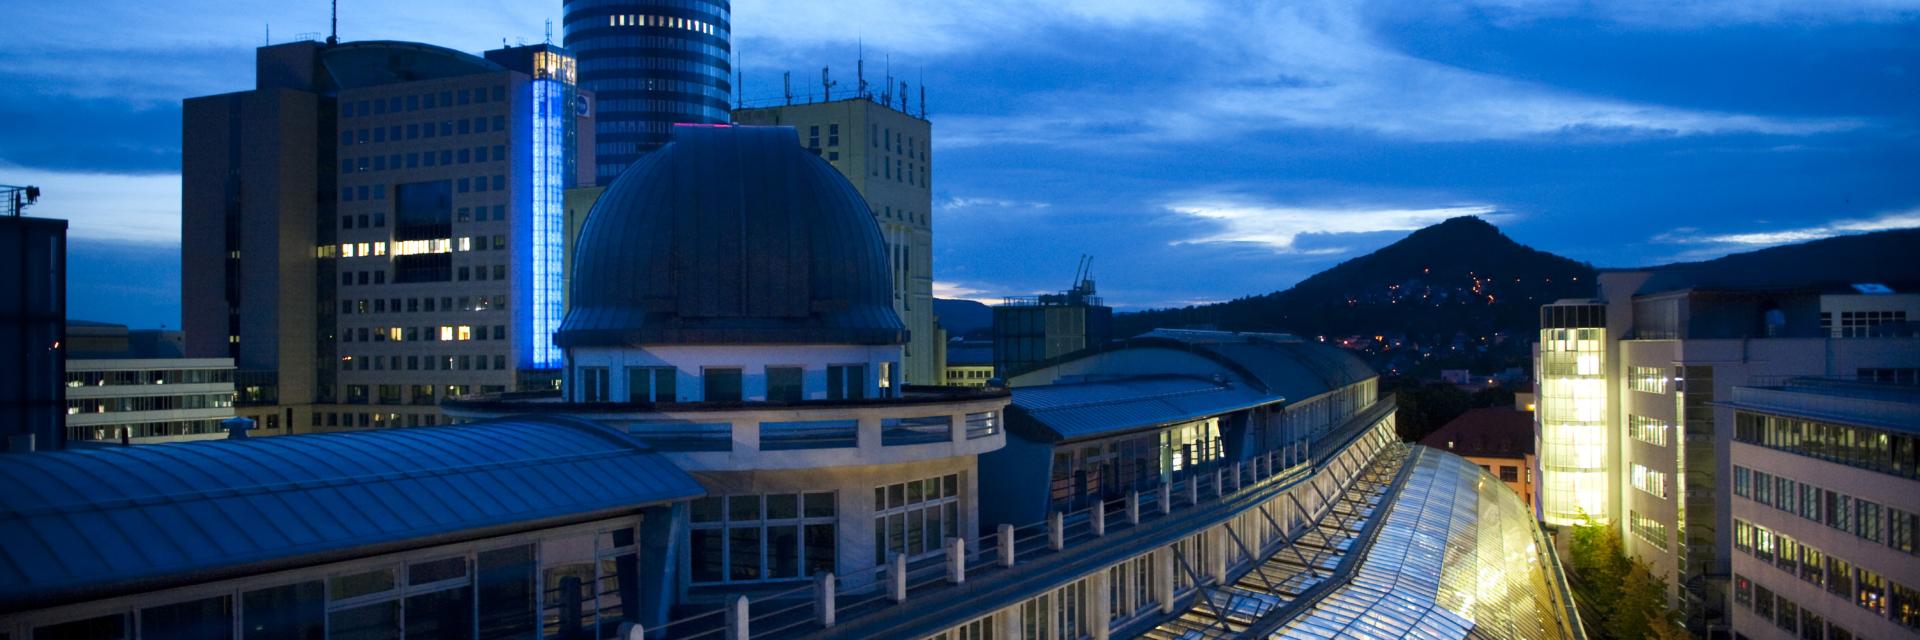 Glasdach der Goethe Galerie bei Nacht und JenTower als Tagungshotel im Hintergrund © JenaKultur, Foto: Andreas Hub